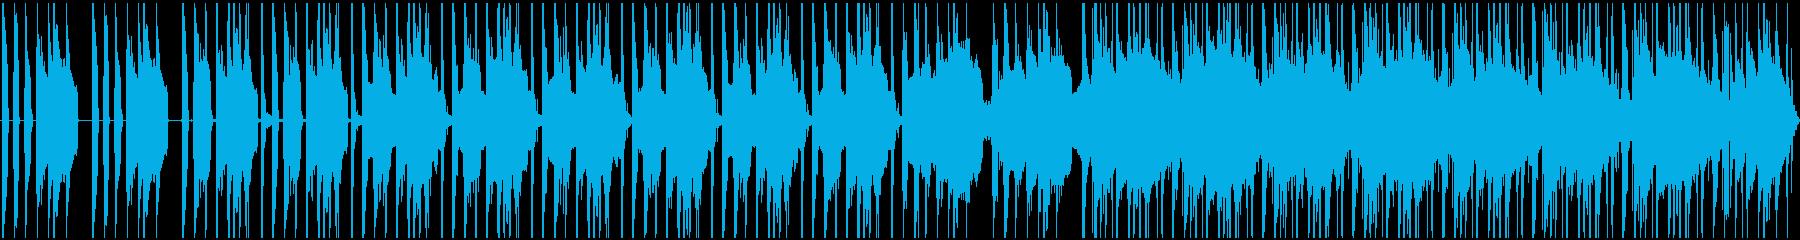 ファンキーなヒップホップトラック。...の再生済みの波形